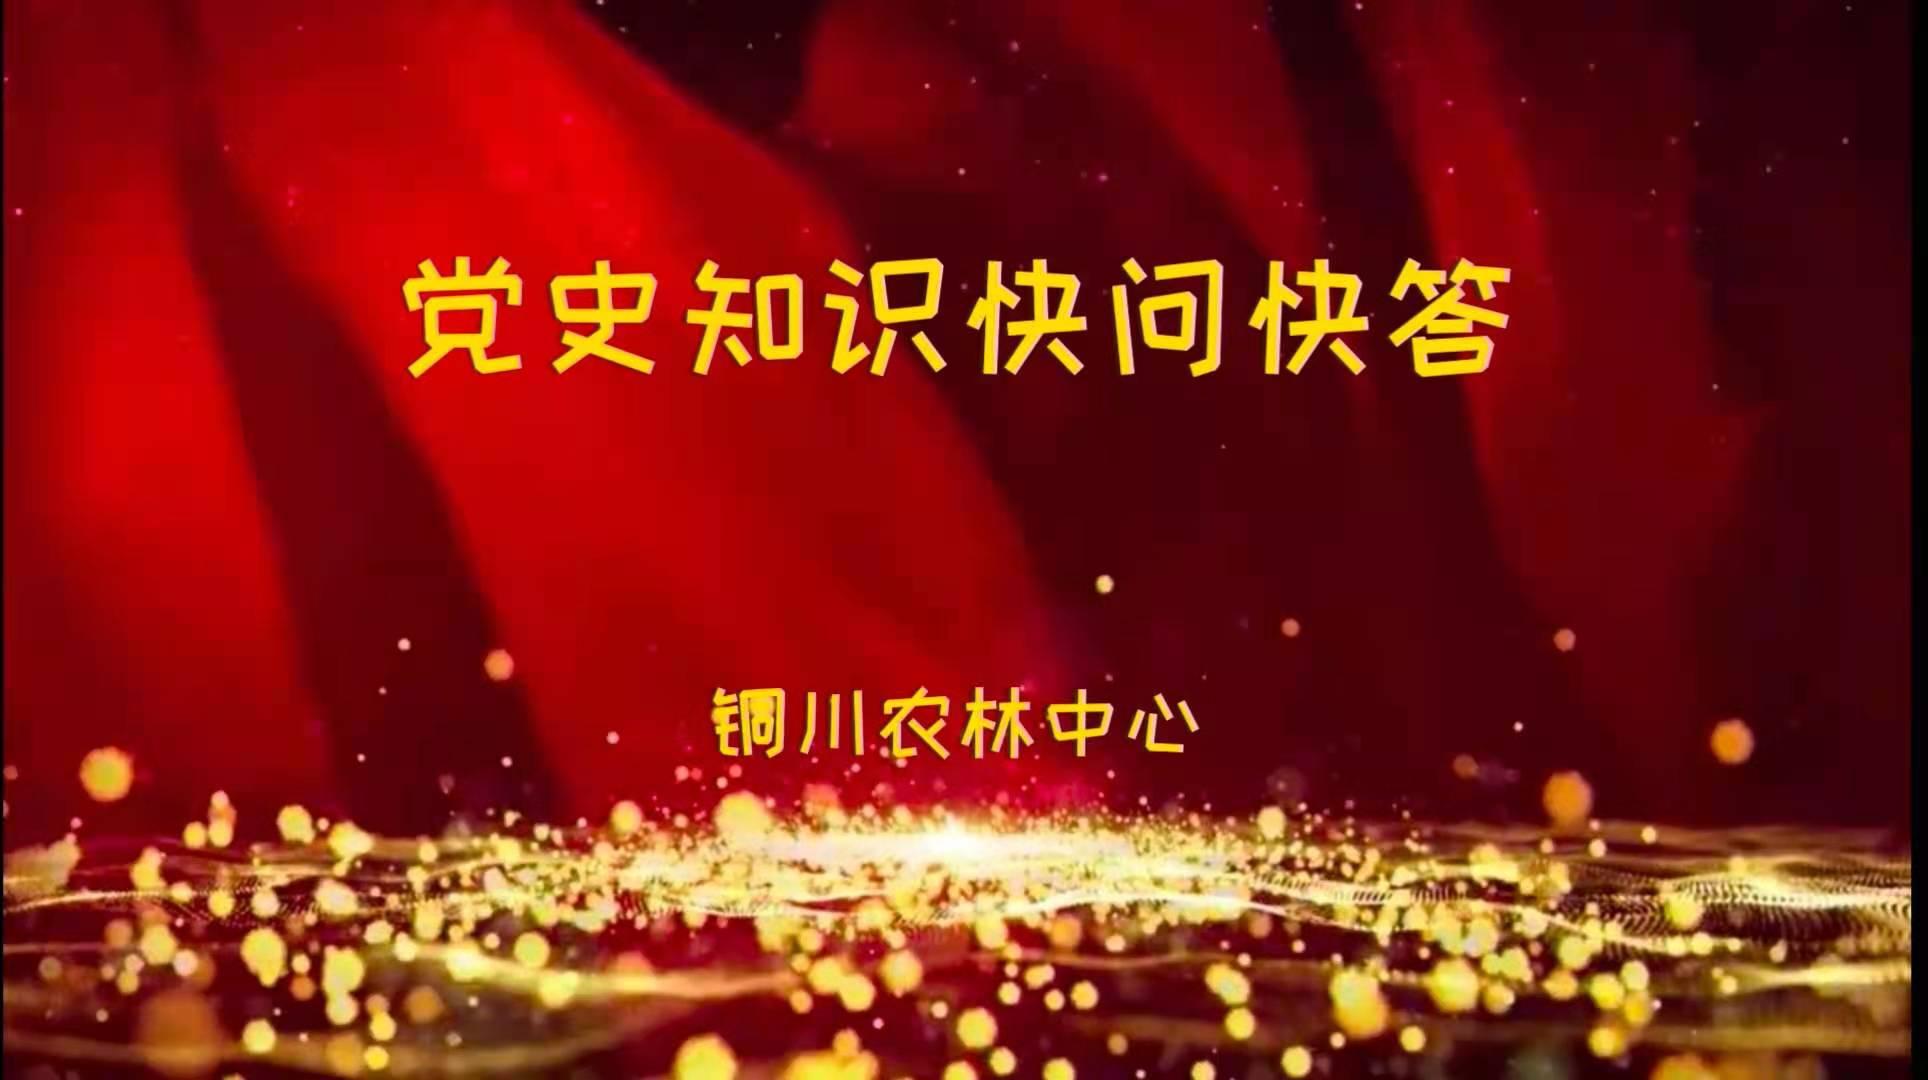 銅川農林中心黨(dang)史知識快問快答(da)